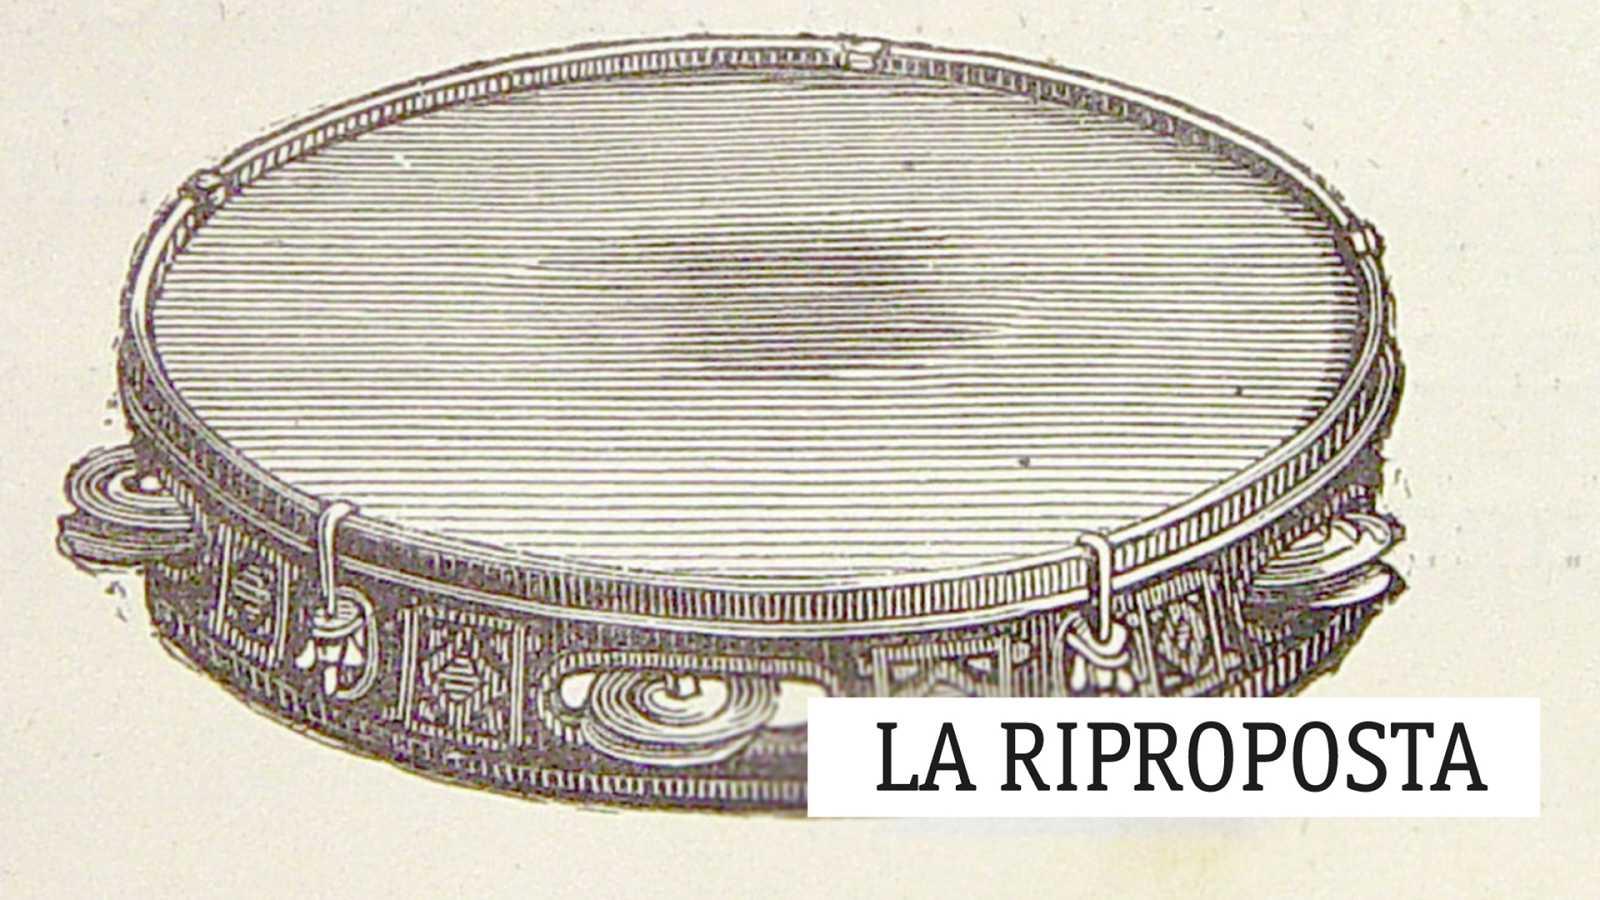 La Riproposta - El romance: un repaso a la forma de expresión española por excelencia - 07/11/20 - escuchar ahora